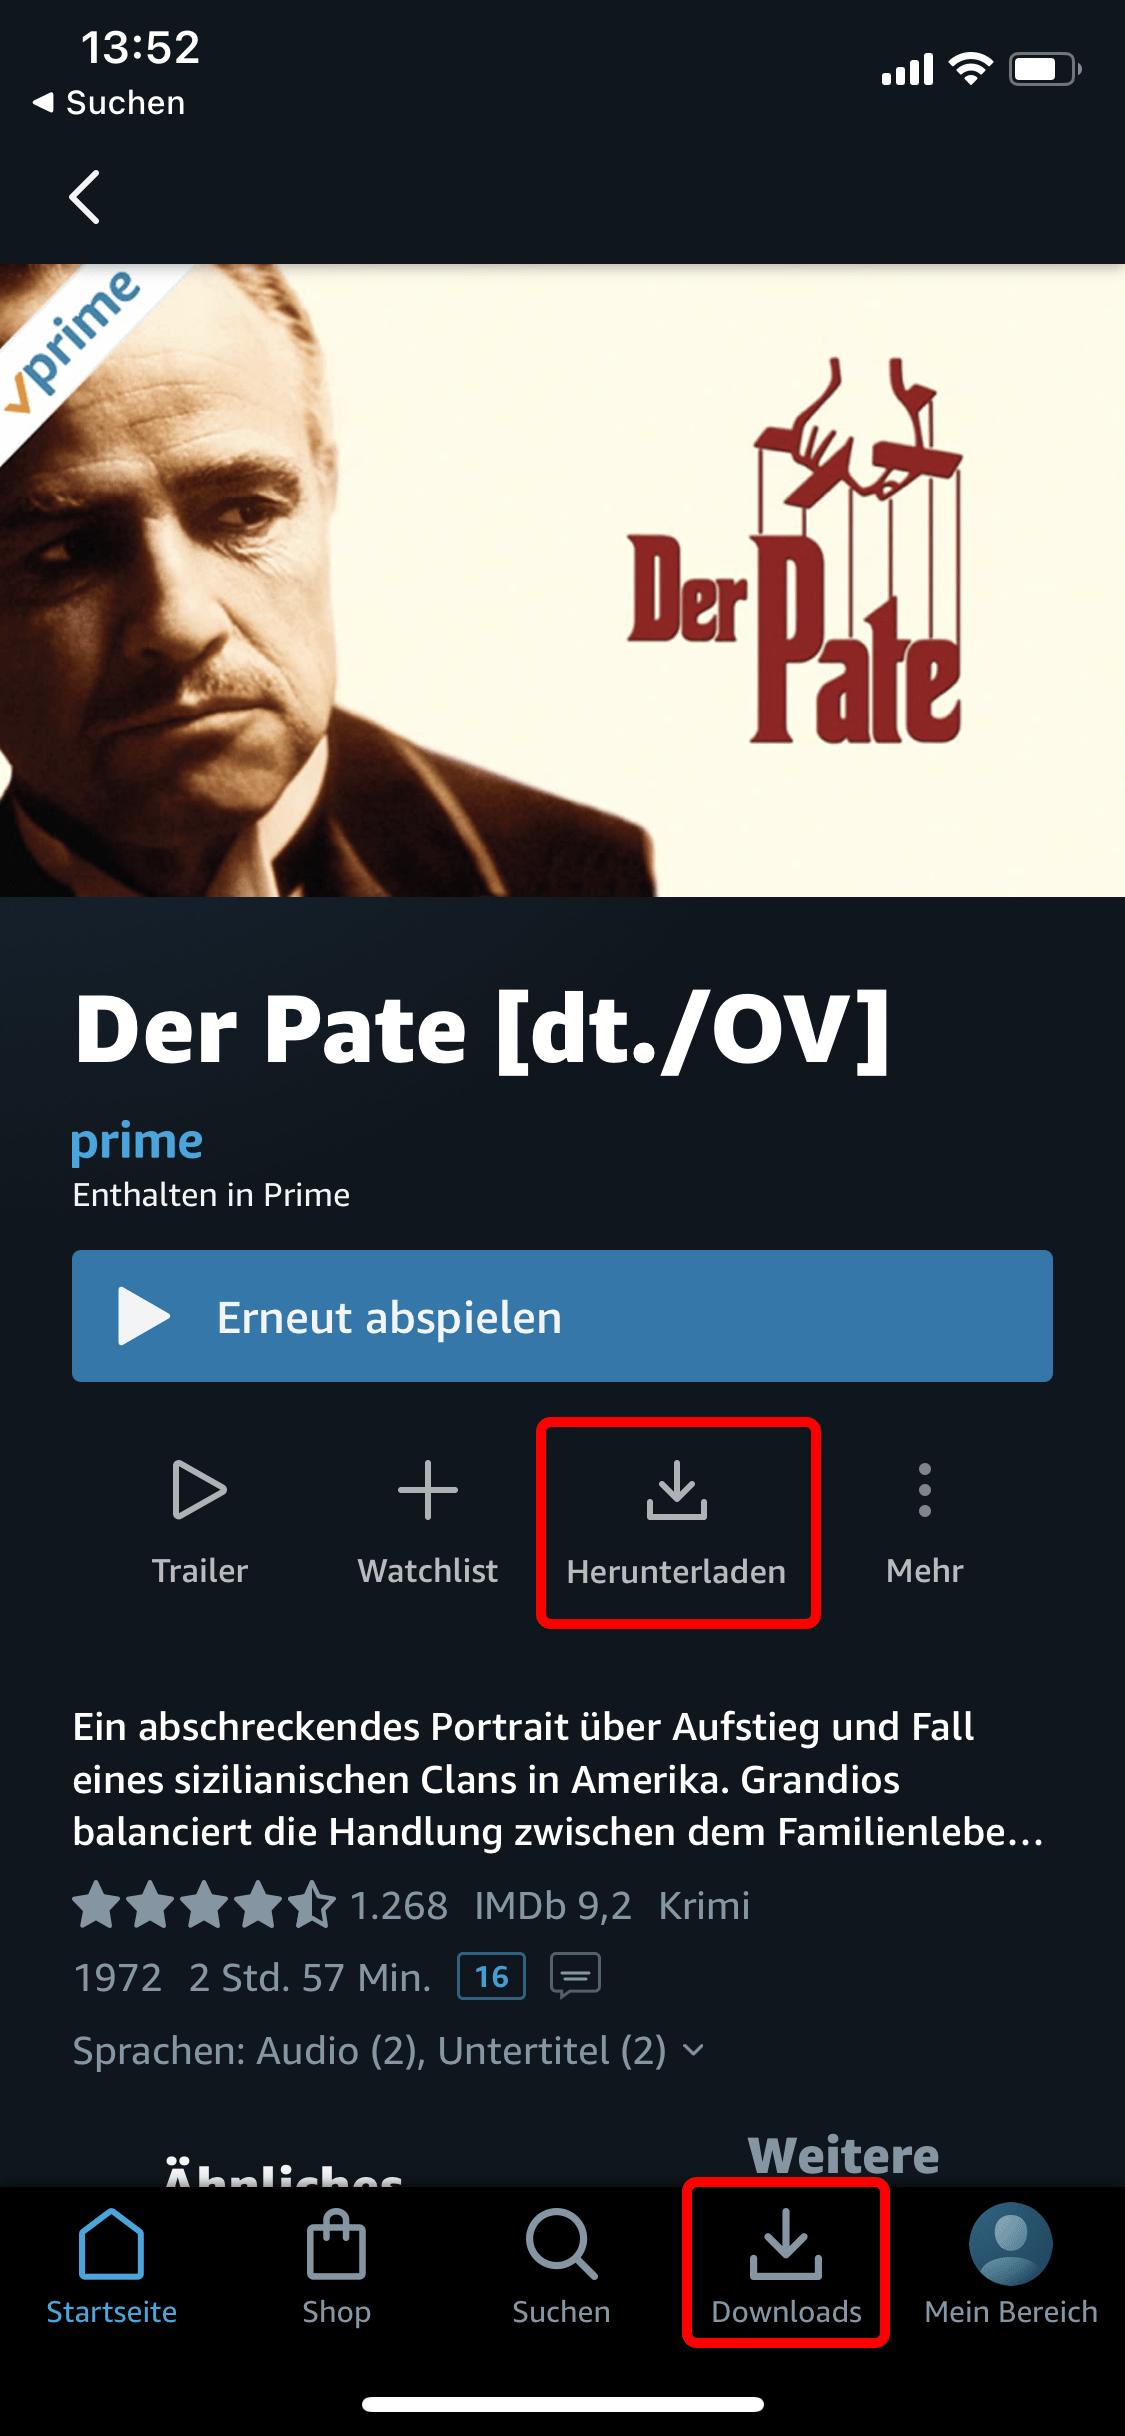 Amazon Prime: Wählen Sie eine Folge oder einen Film laden das Video herunter über